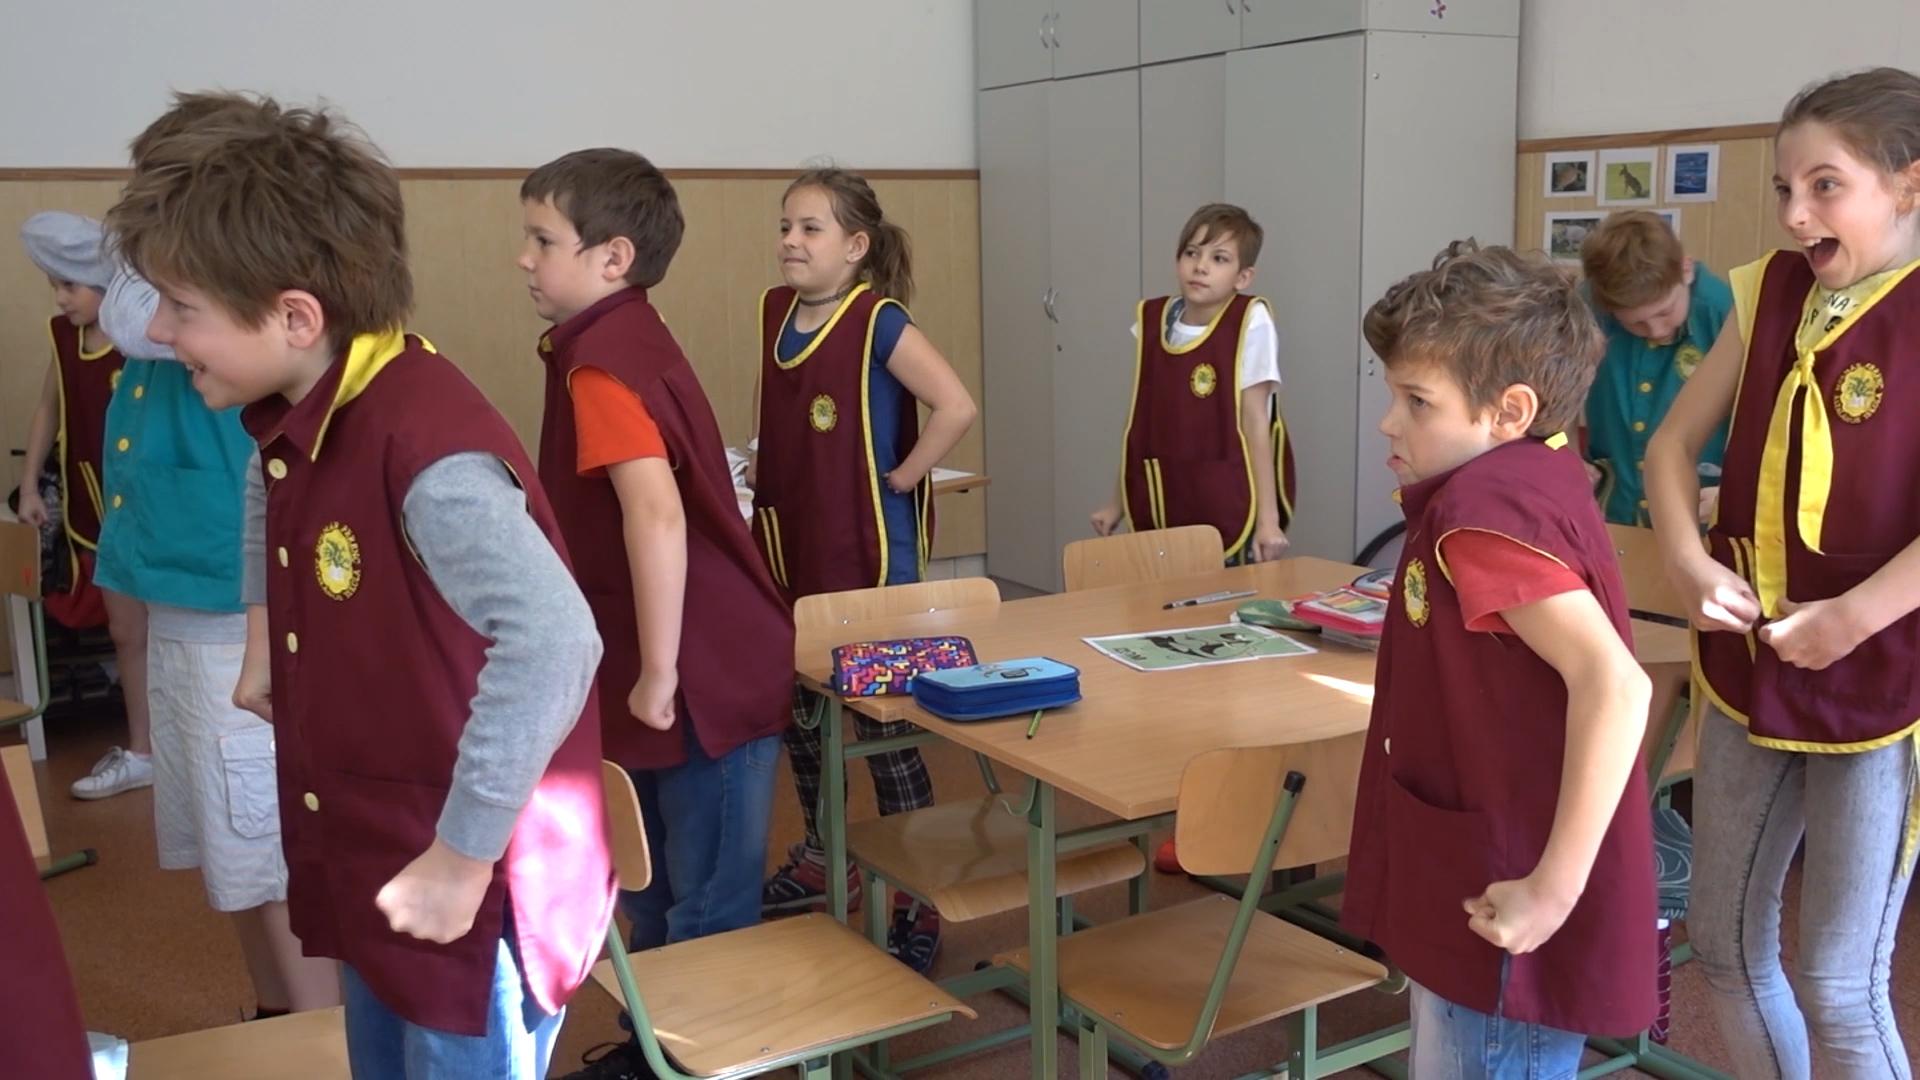 Az iskolakezdés a szülőnek és a gyereknek is stresszes